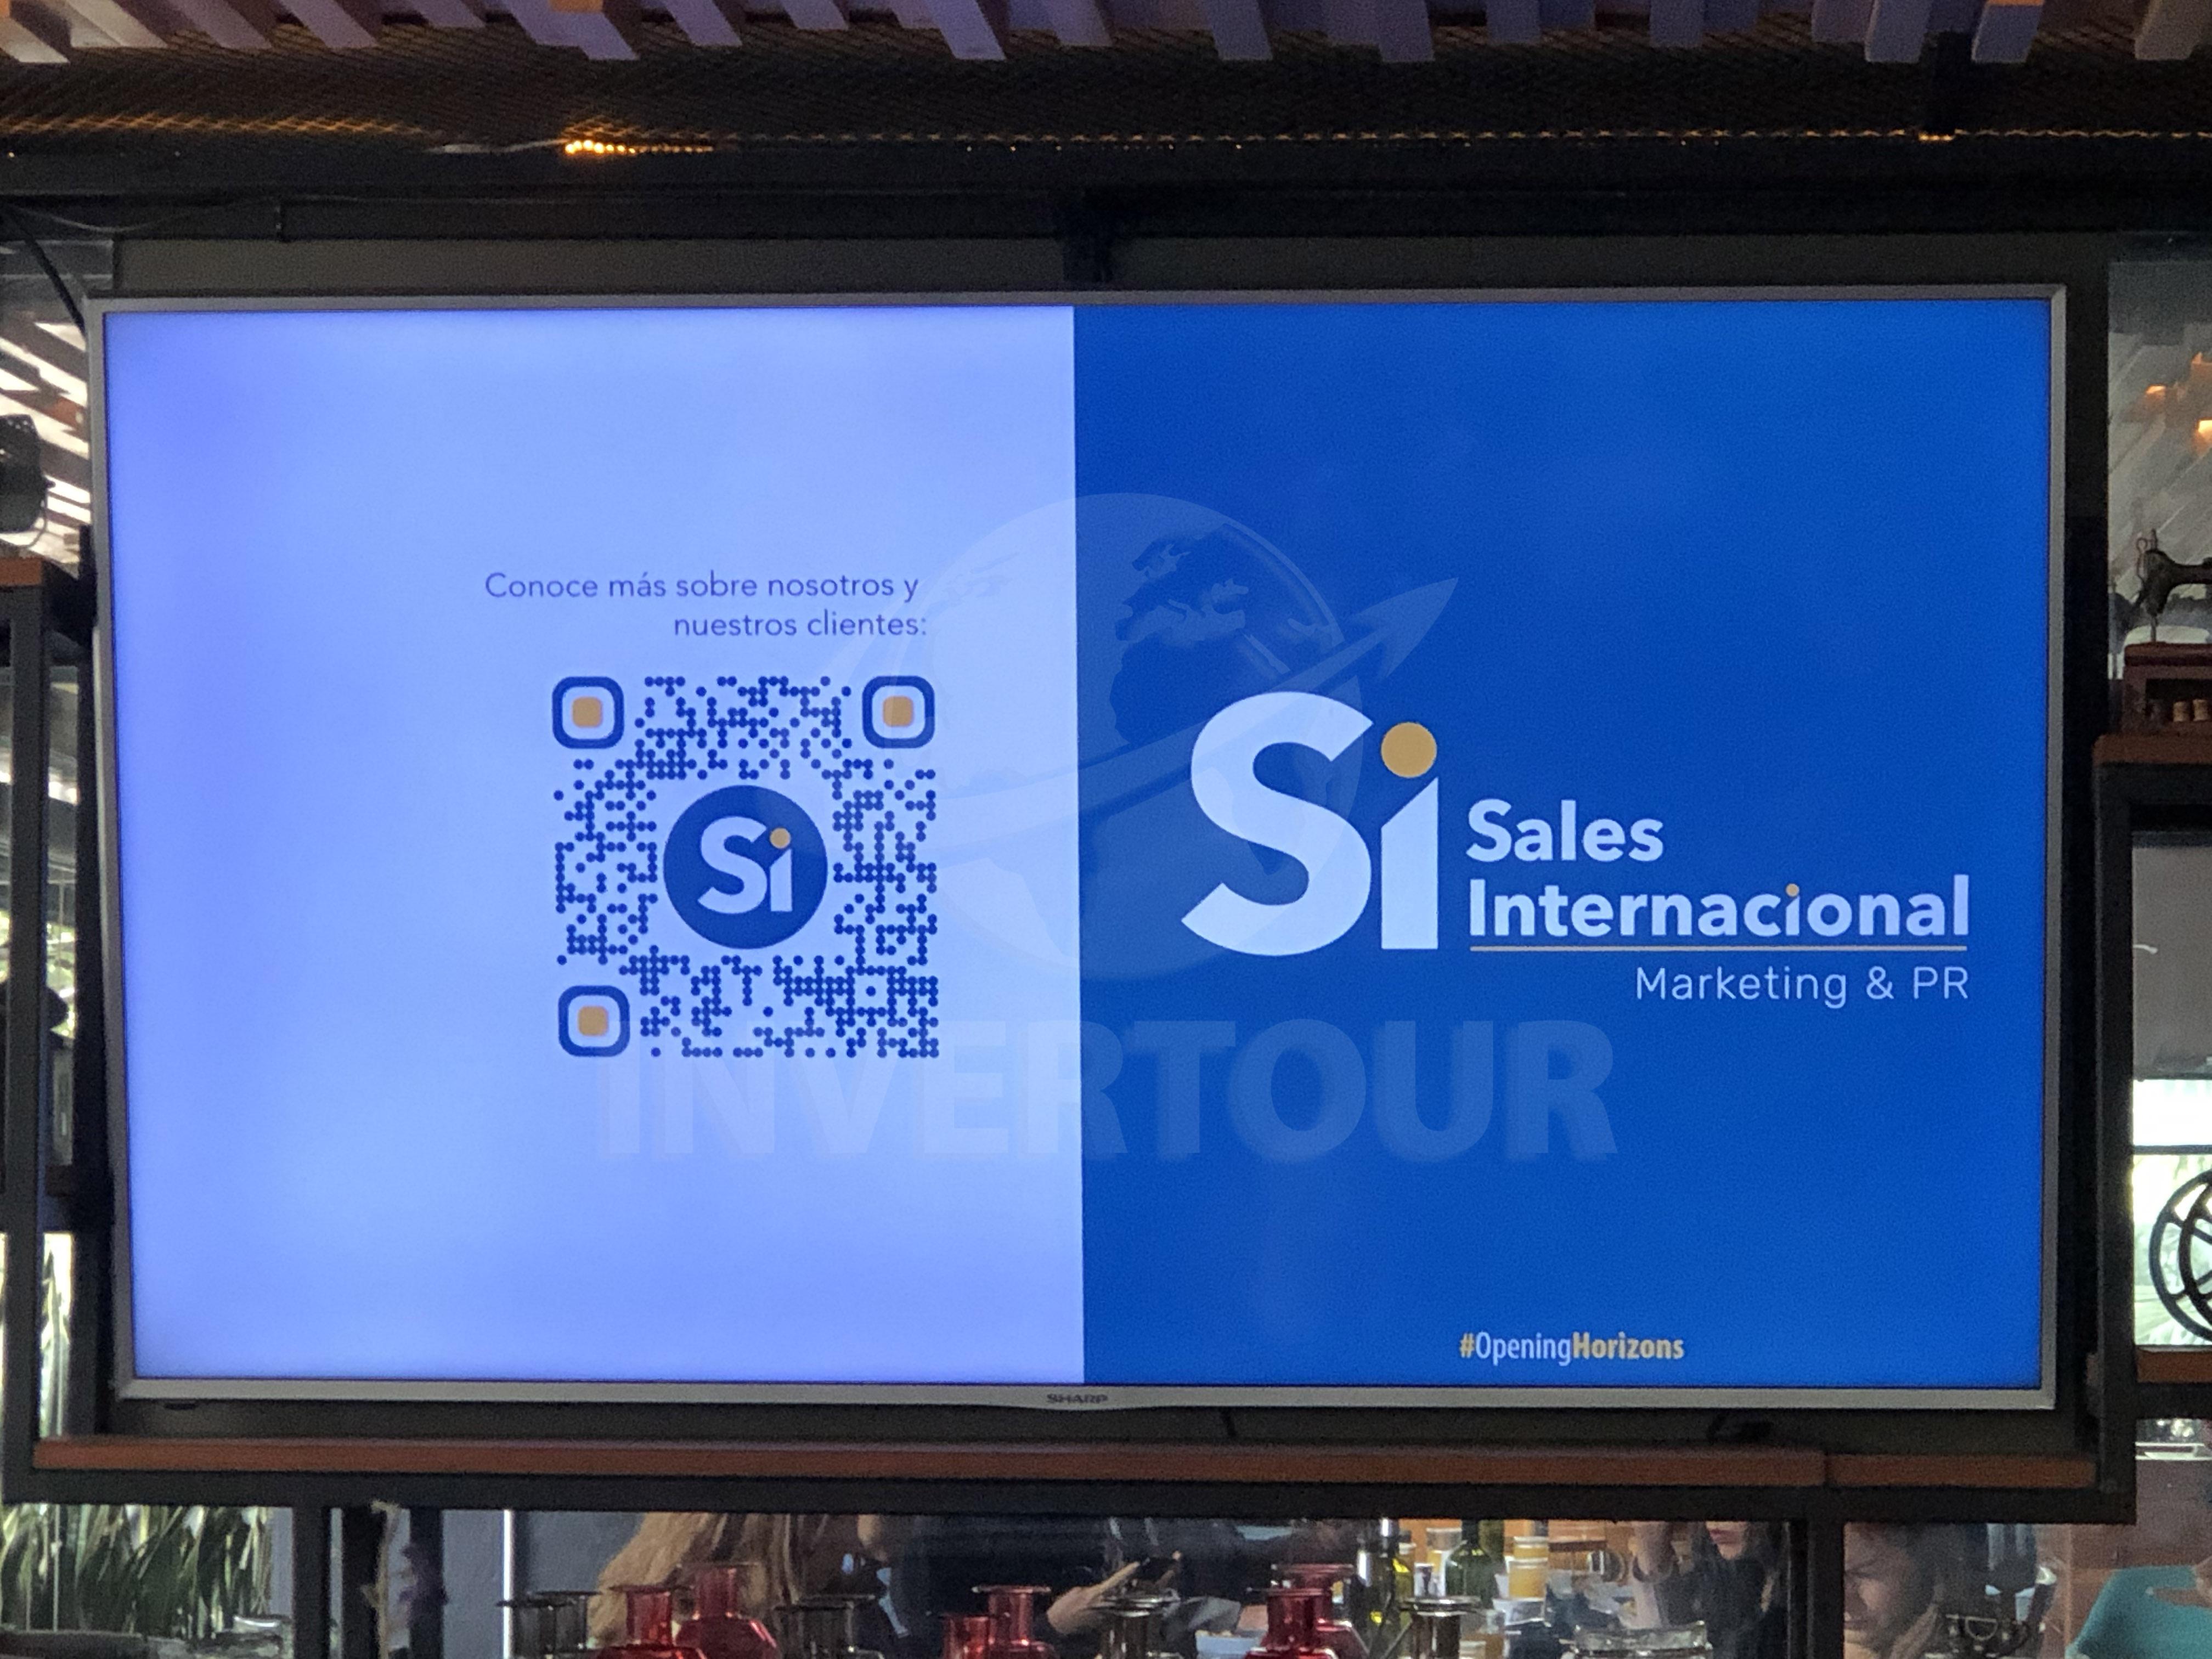 El nuevo logo de Sales Internacional